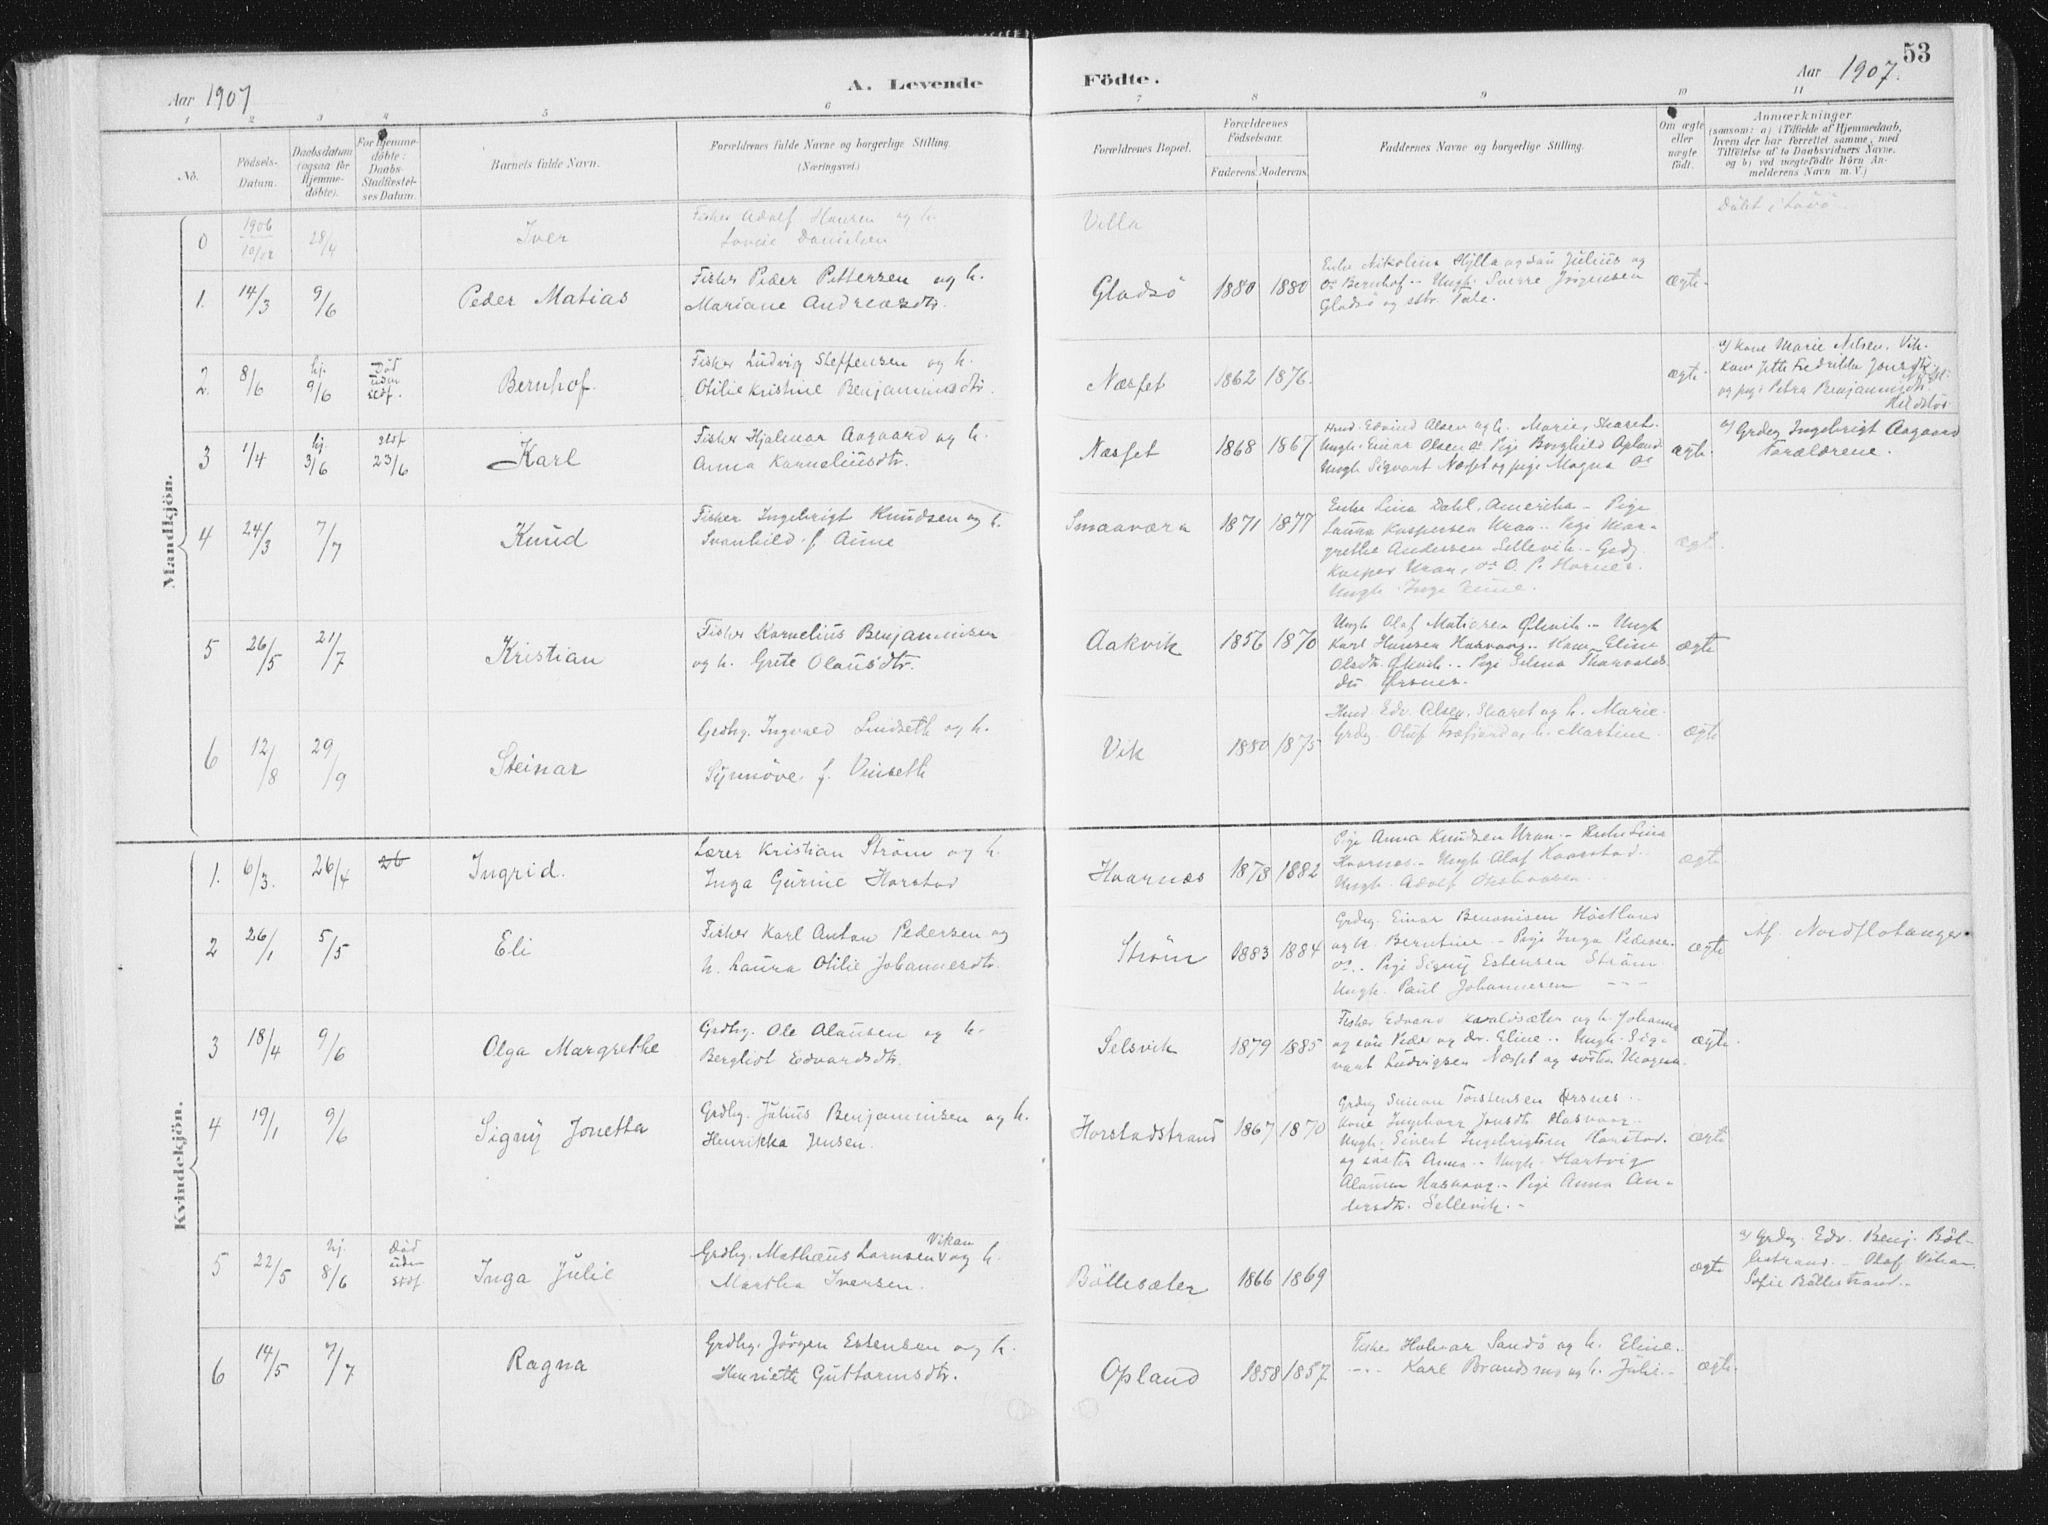 SAT, Ministerialprotokoller, klokkerbøker og fødselsregistre - Nord-Trøndelag, 771/L0597: Ministerialbok nr. 771A04, 1885-1910, s. 53